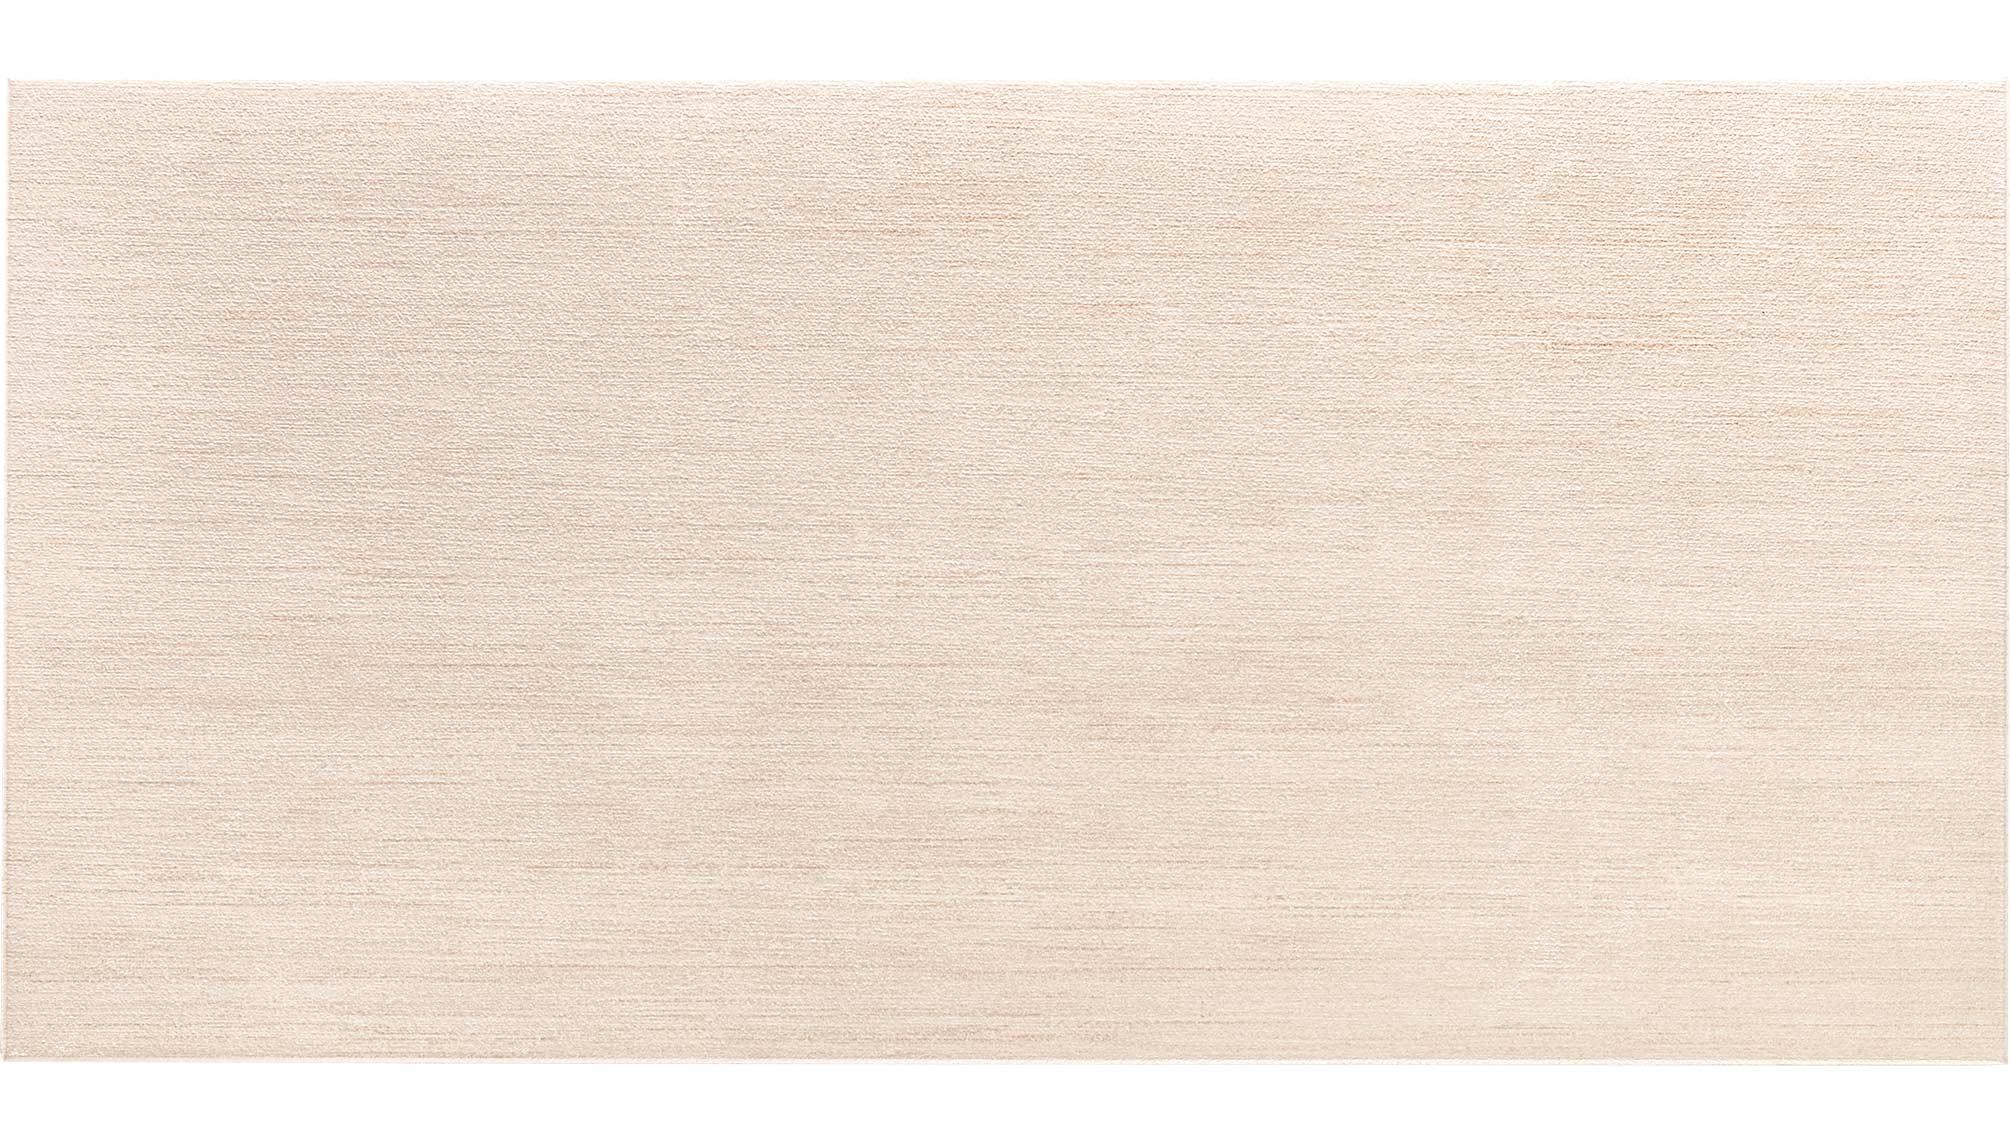 syrio beige 30x60 fliesen rovese meissen keramik. Black Bedroom Furniture Sets. Home Design Ideas